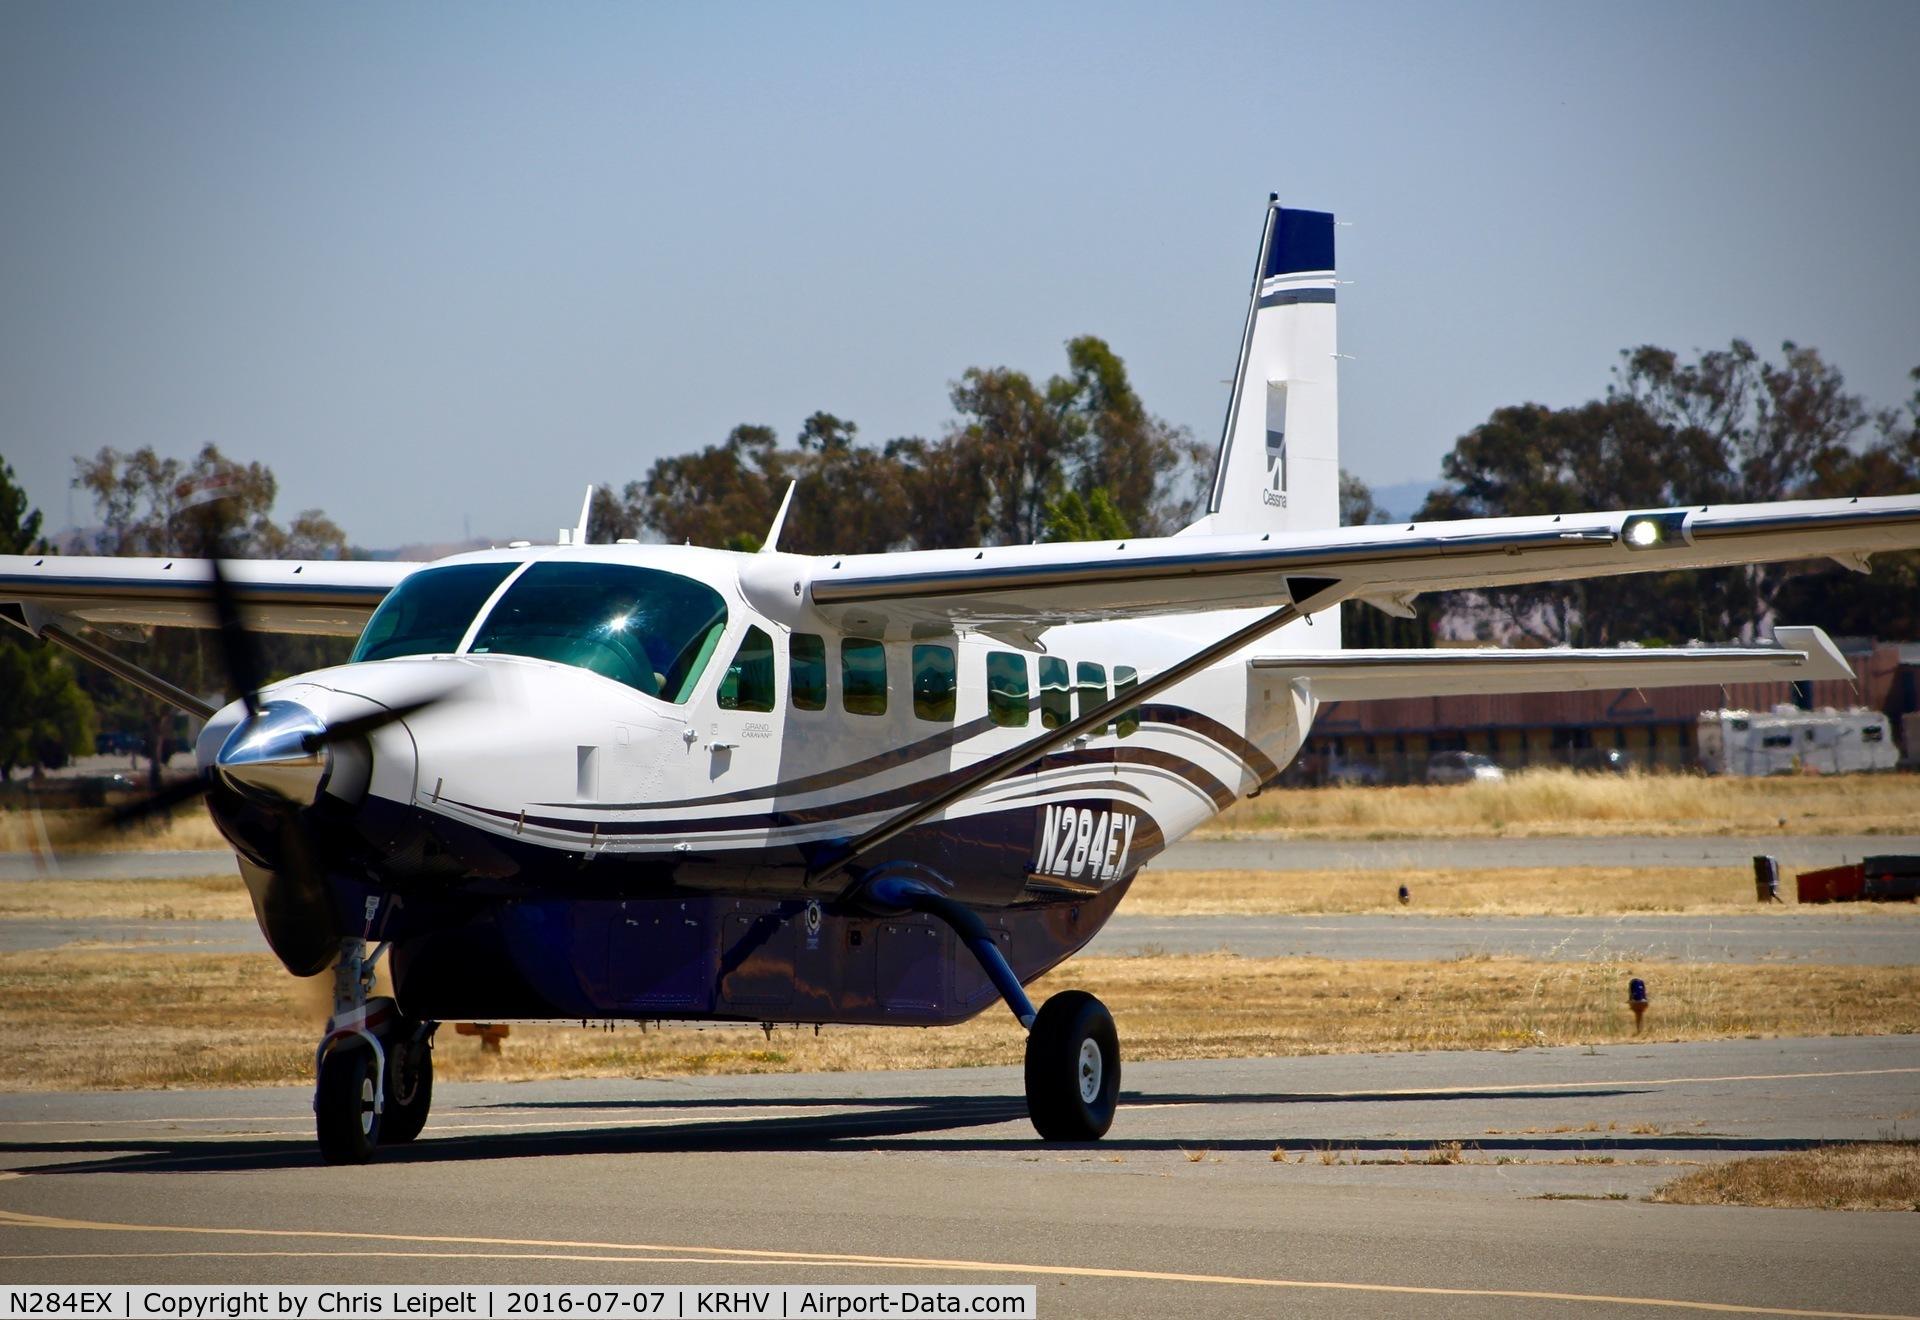 Aircraft N284ex 2016 Cessna 208b Grand Caravan Ex C N 208b5284 Photo By Chris Leipelt Photo Id Ac1208179